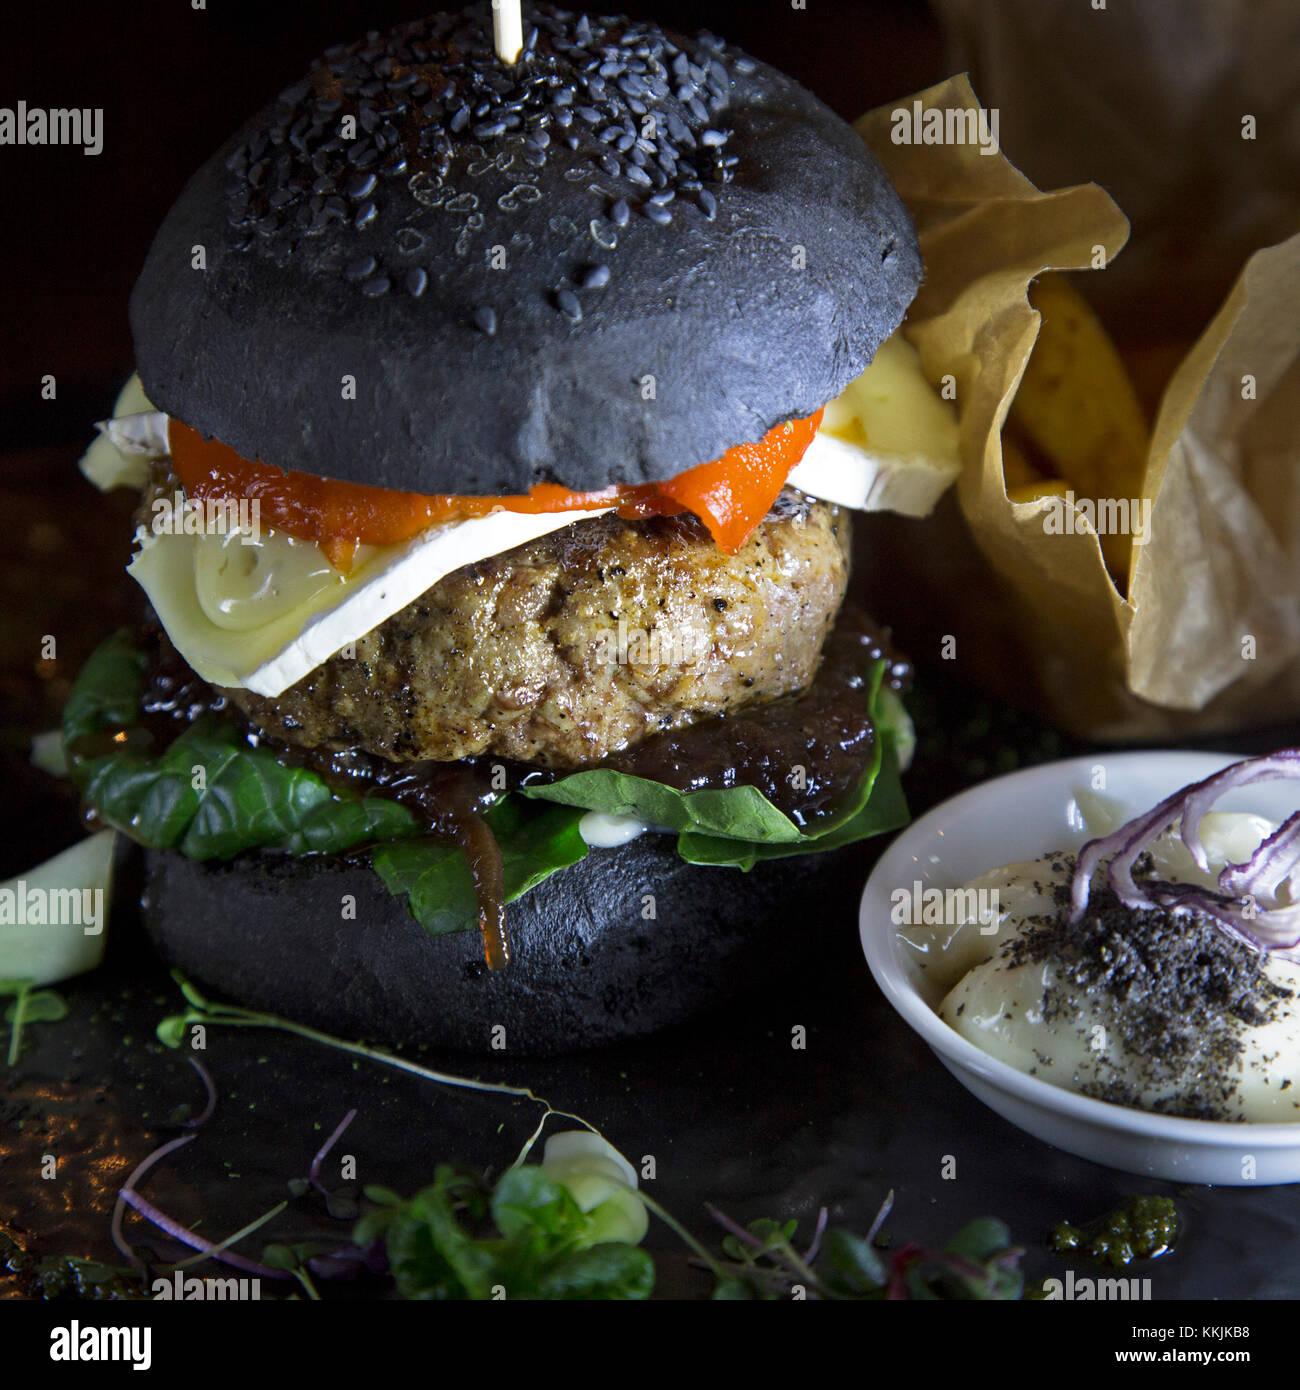 Hamburger d'agneau servi avec pain noir dans un bun au restaurant sourdine à Riga, Lettonie. Le burger Photo Stock